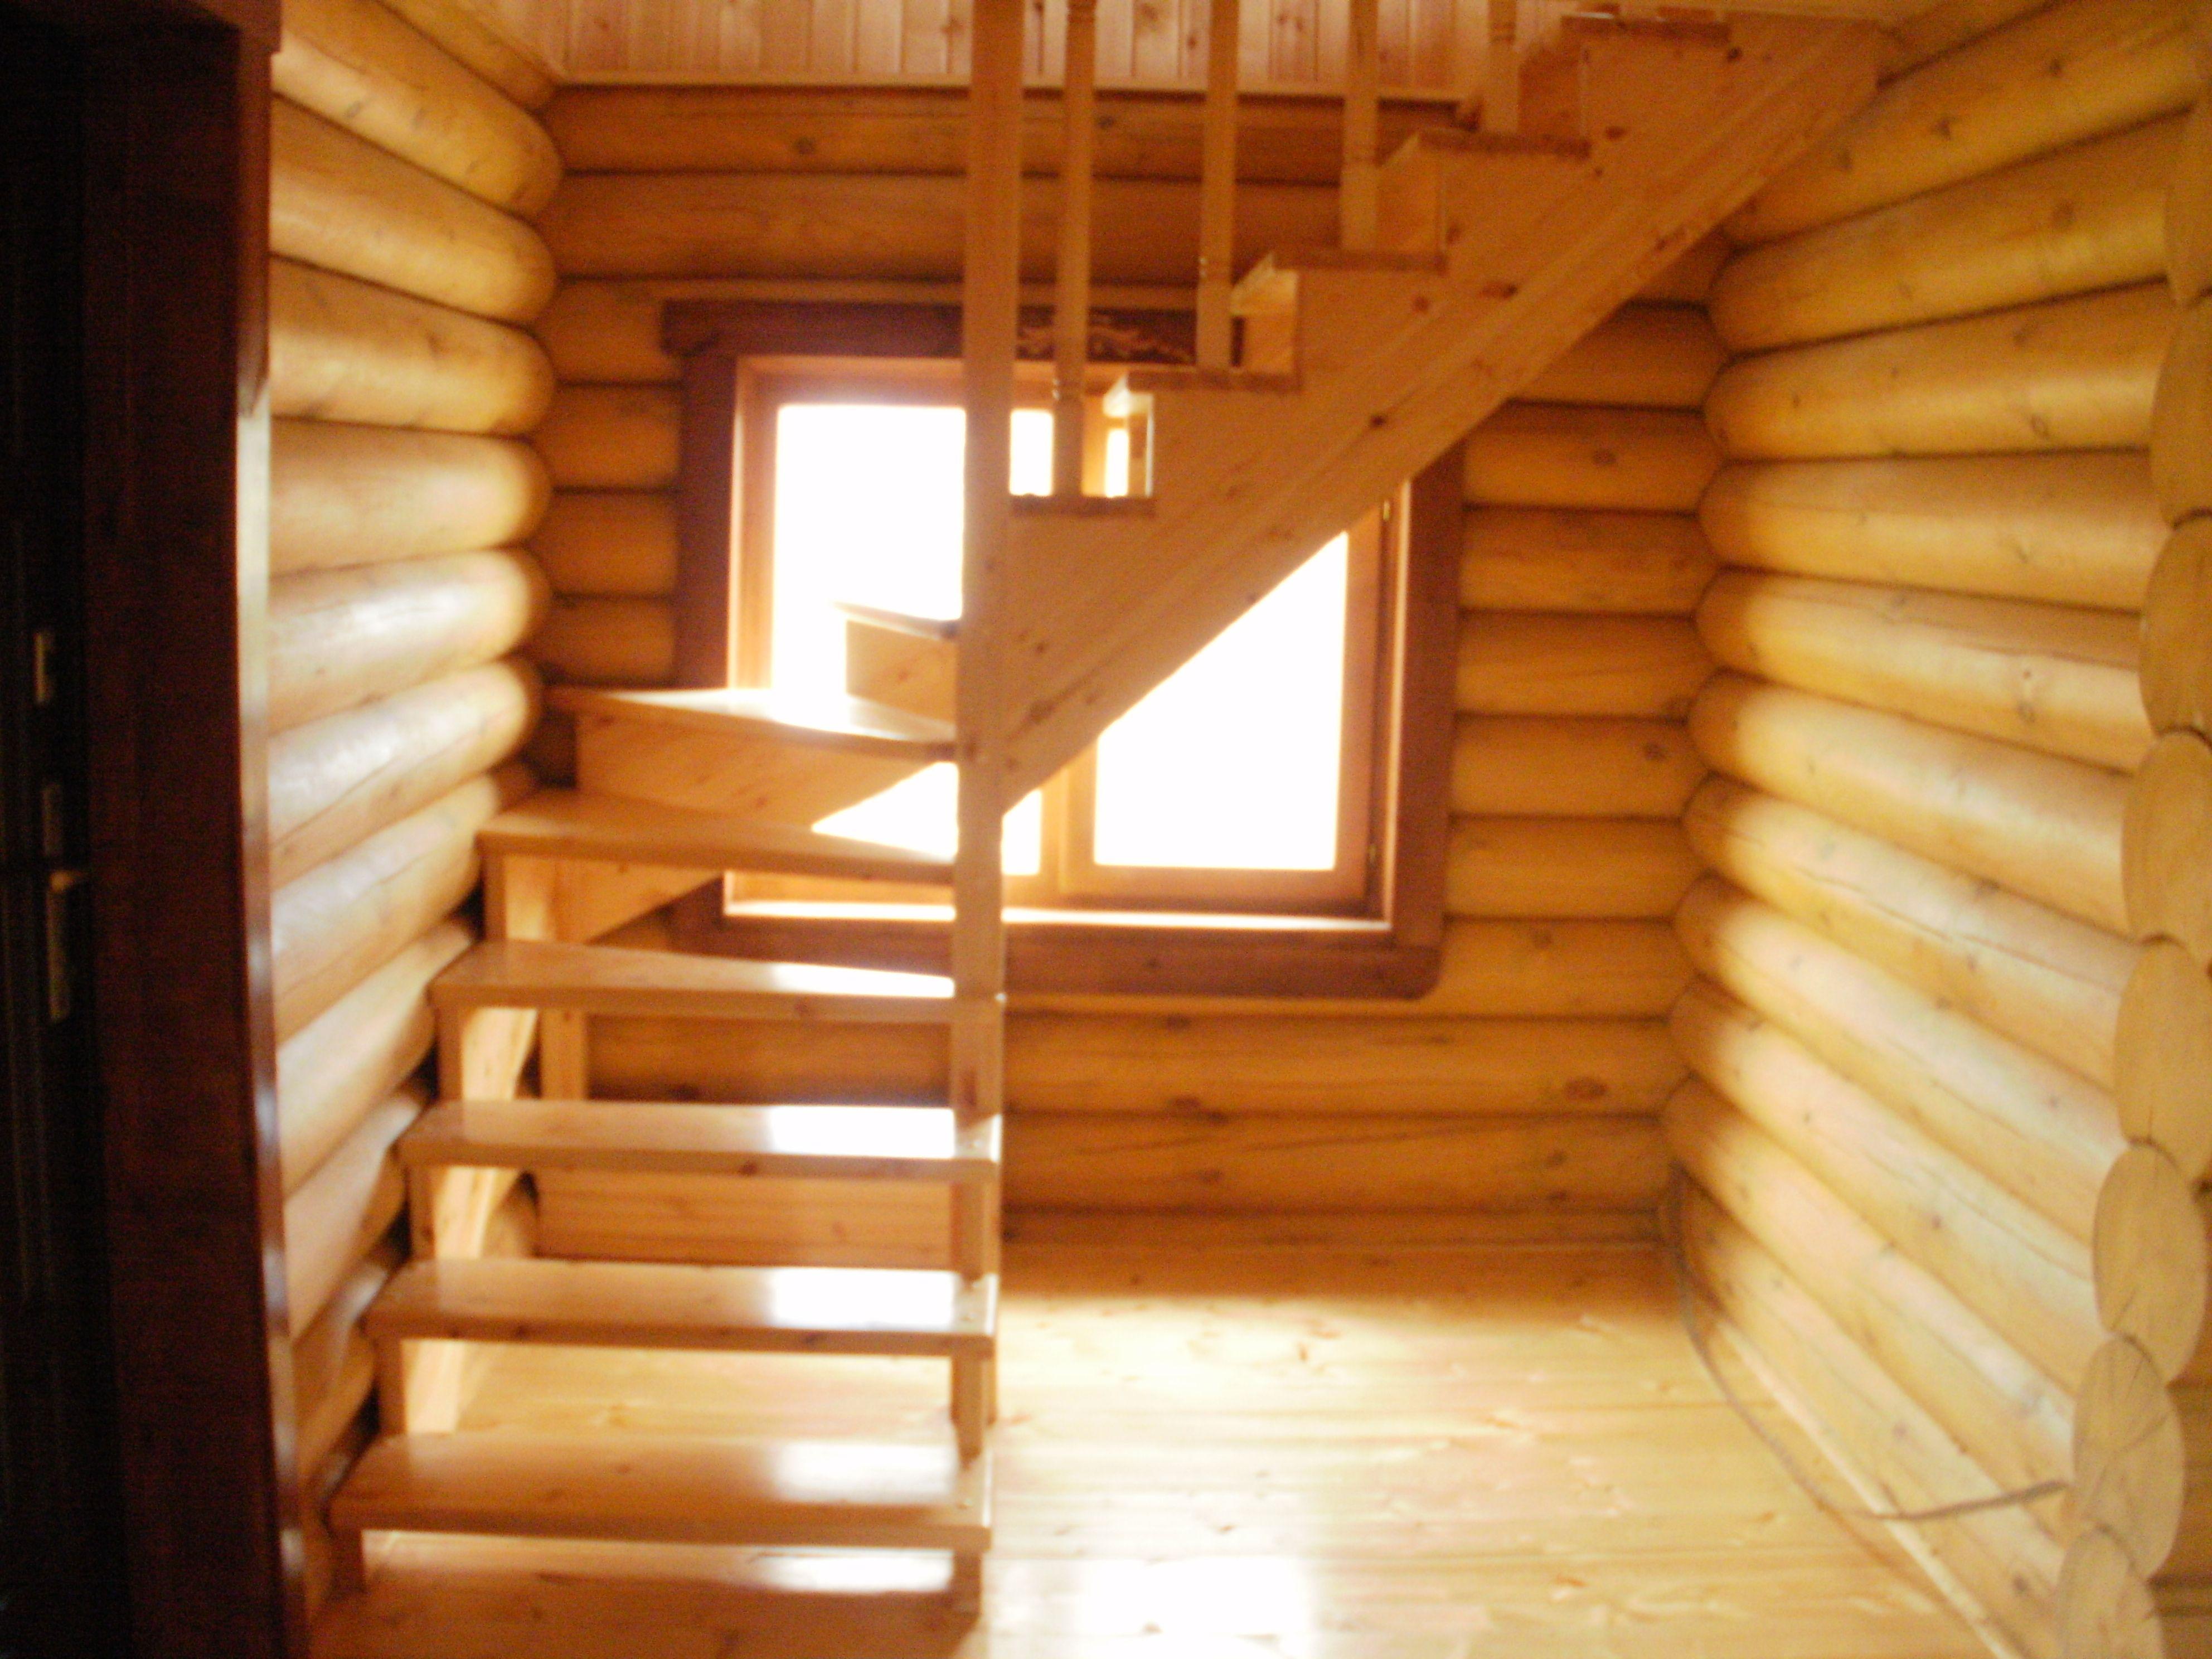 Лестницы на второй этаж деревянные: варианты конструкций и этапы работ Lestnici